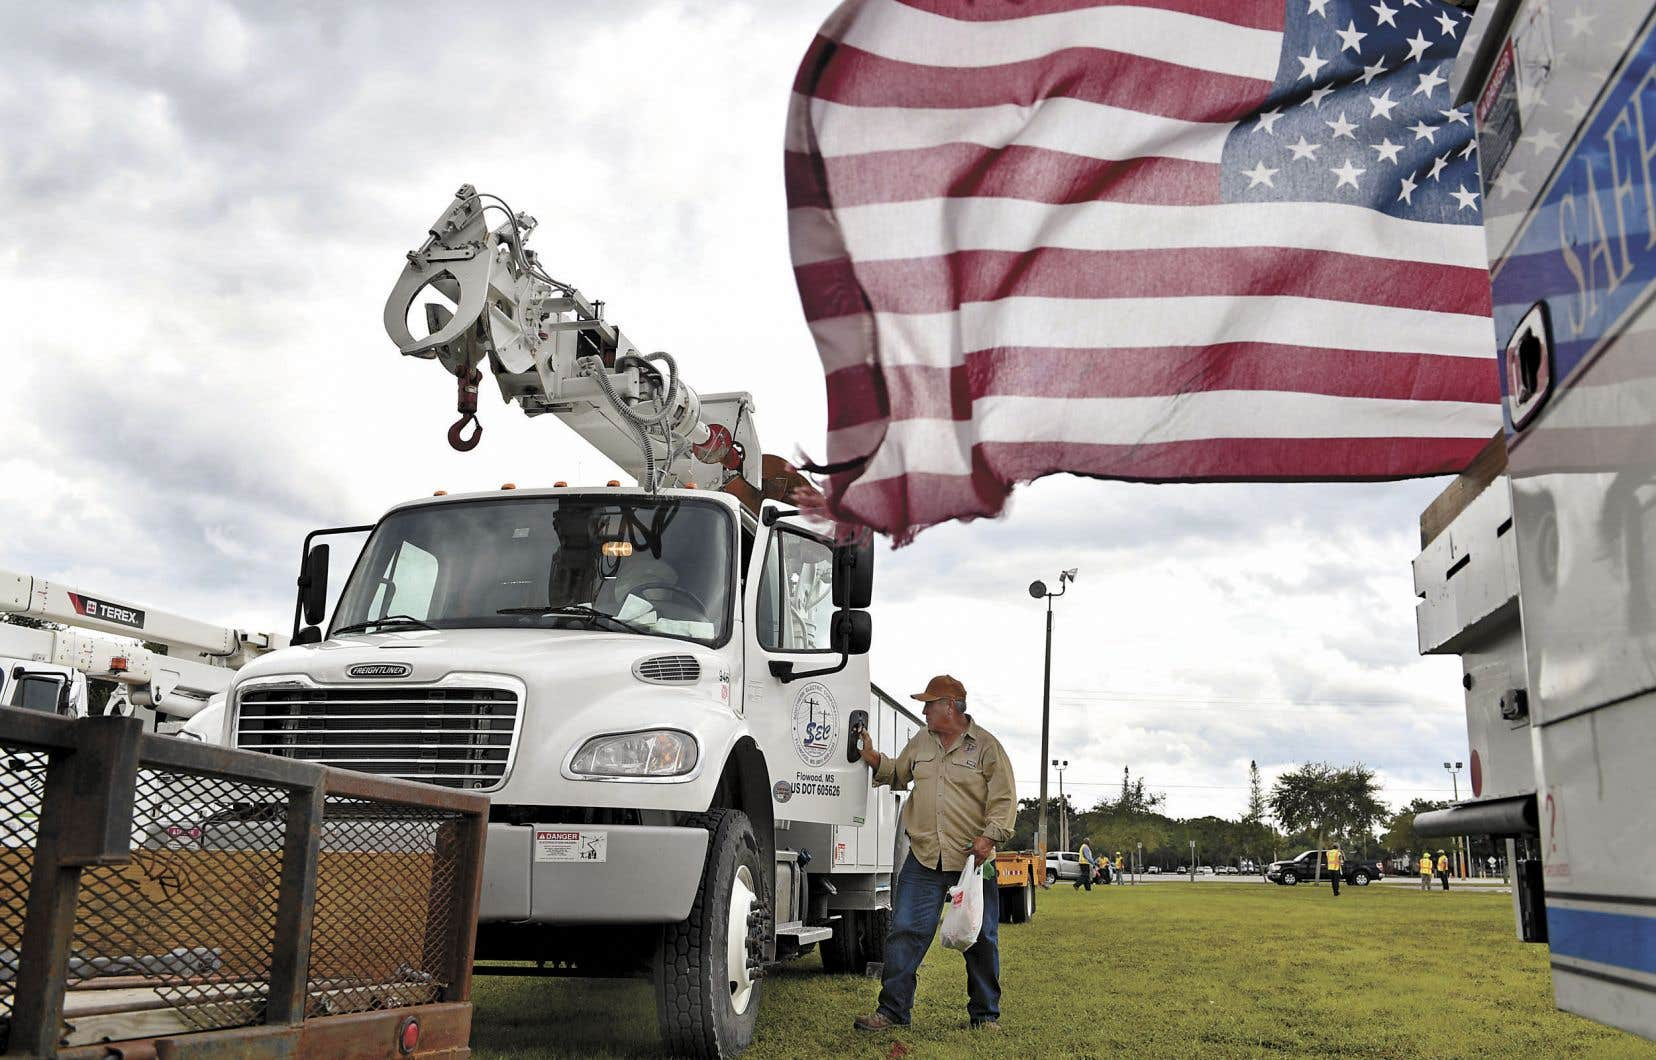 Des réparateurs de lignes électriques ont été déployés sur le territoire de la Floride pour répondre rapidement aux urgences causées par l'ouragan «Michael».